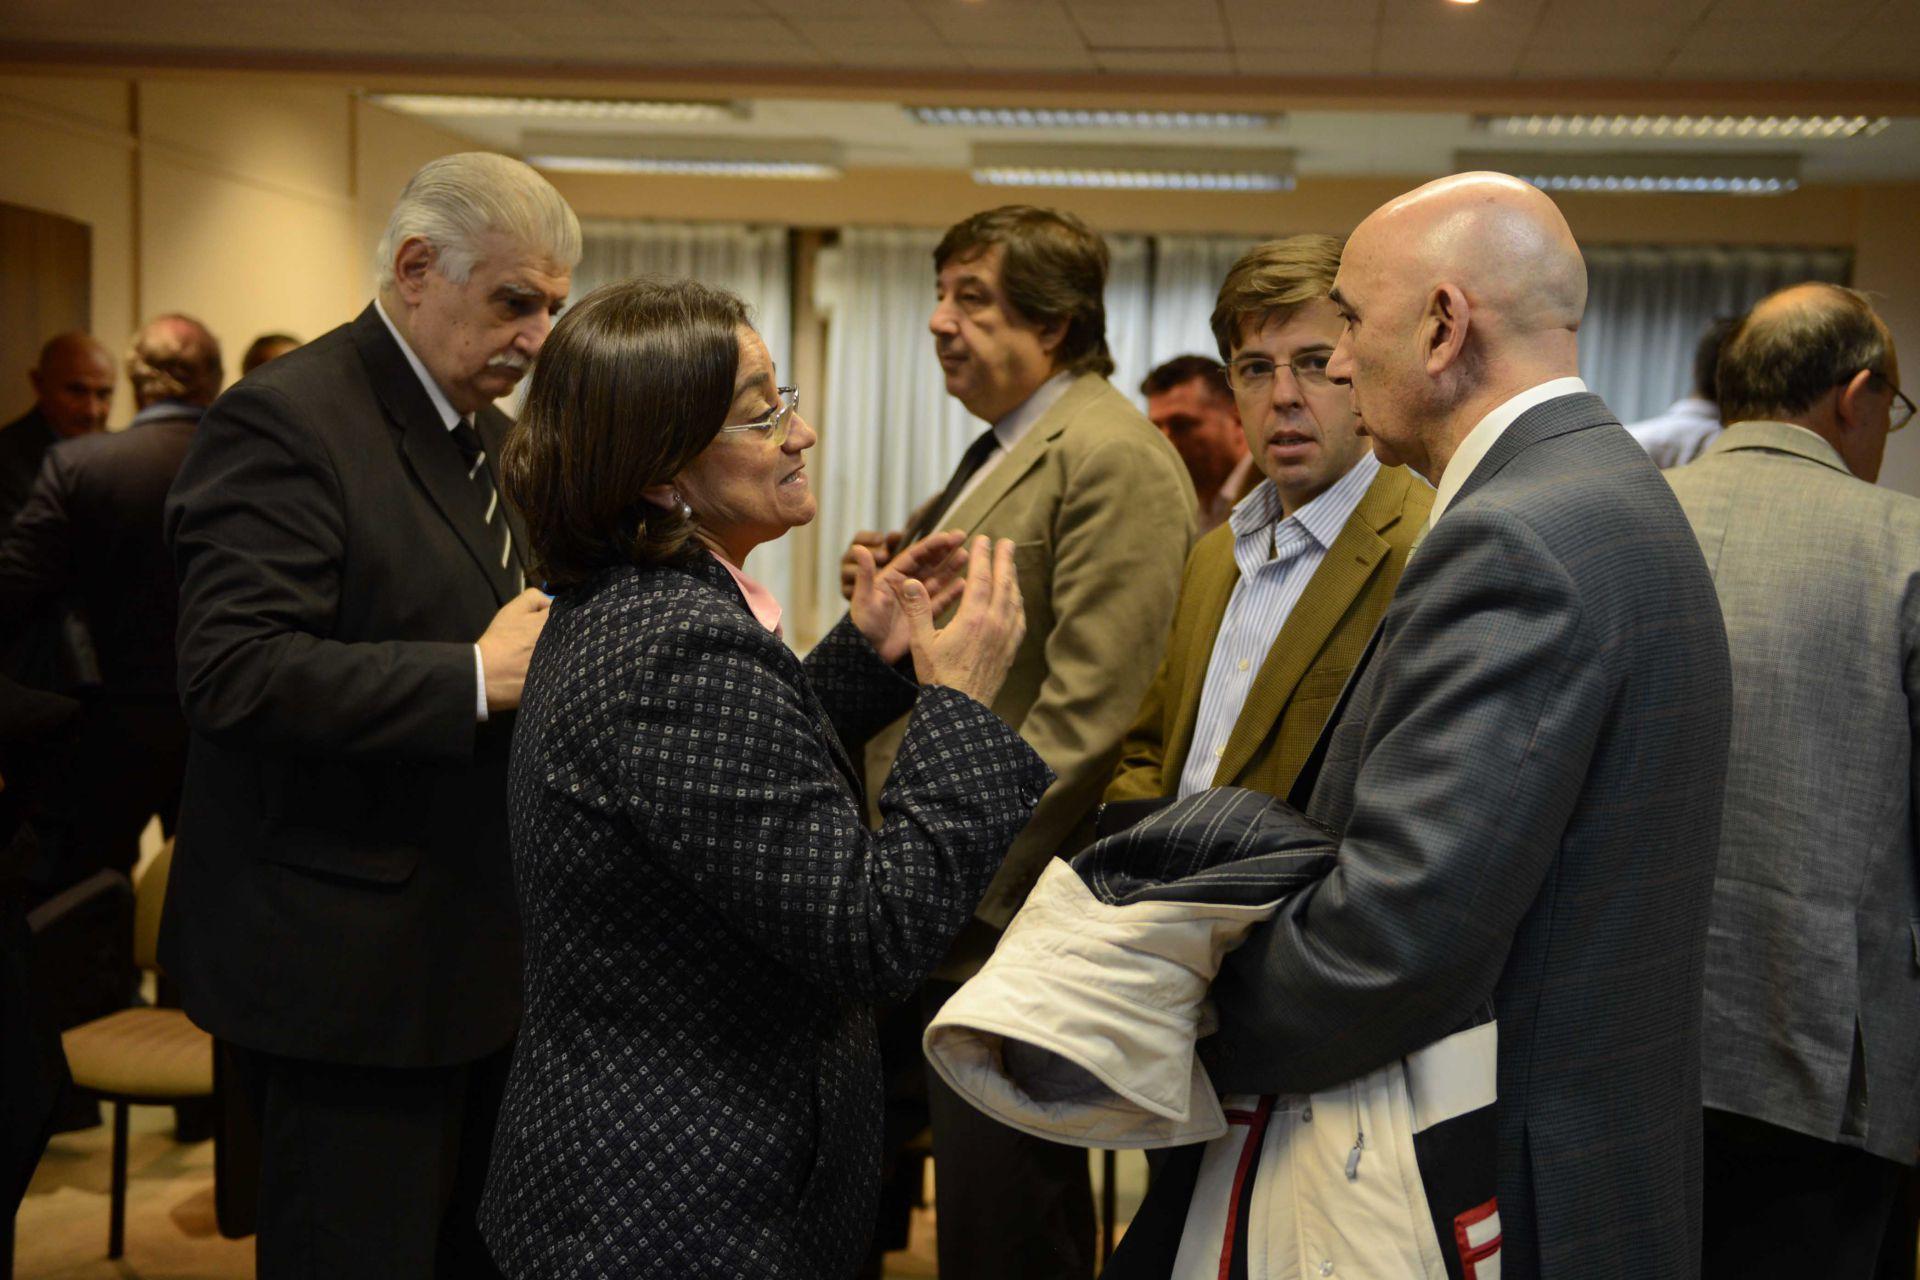 lucia corpacci, gobierno de catamarca, inversiones catamarca, www.catamarcadigital.com, www.catamarcaprovincia.com.ar